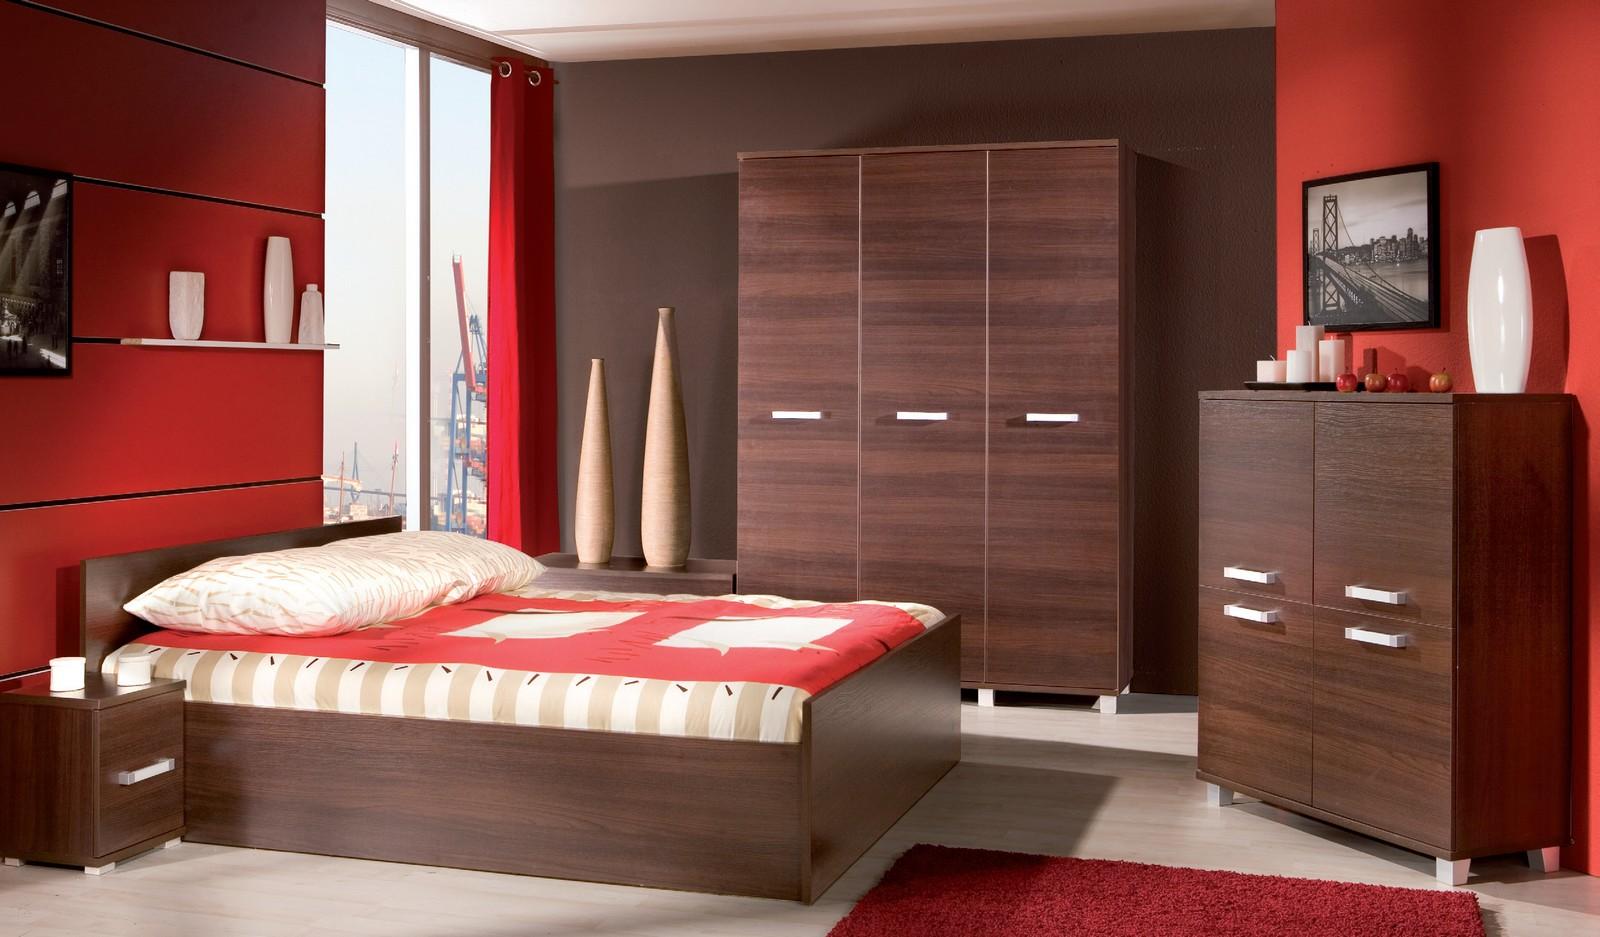 Спальная гарнитура mac37 - комплекты для спальни moobel1.ee.